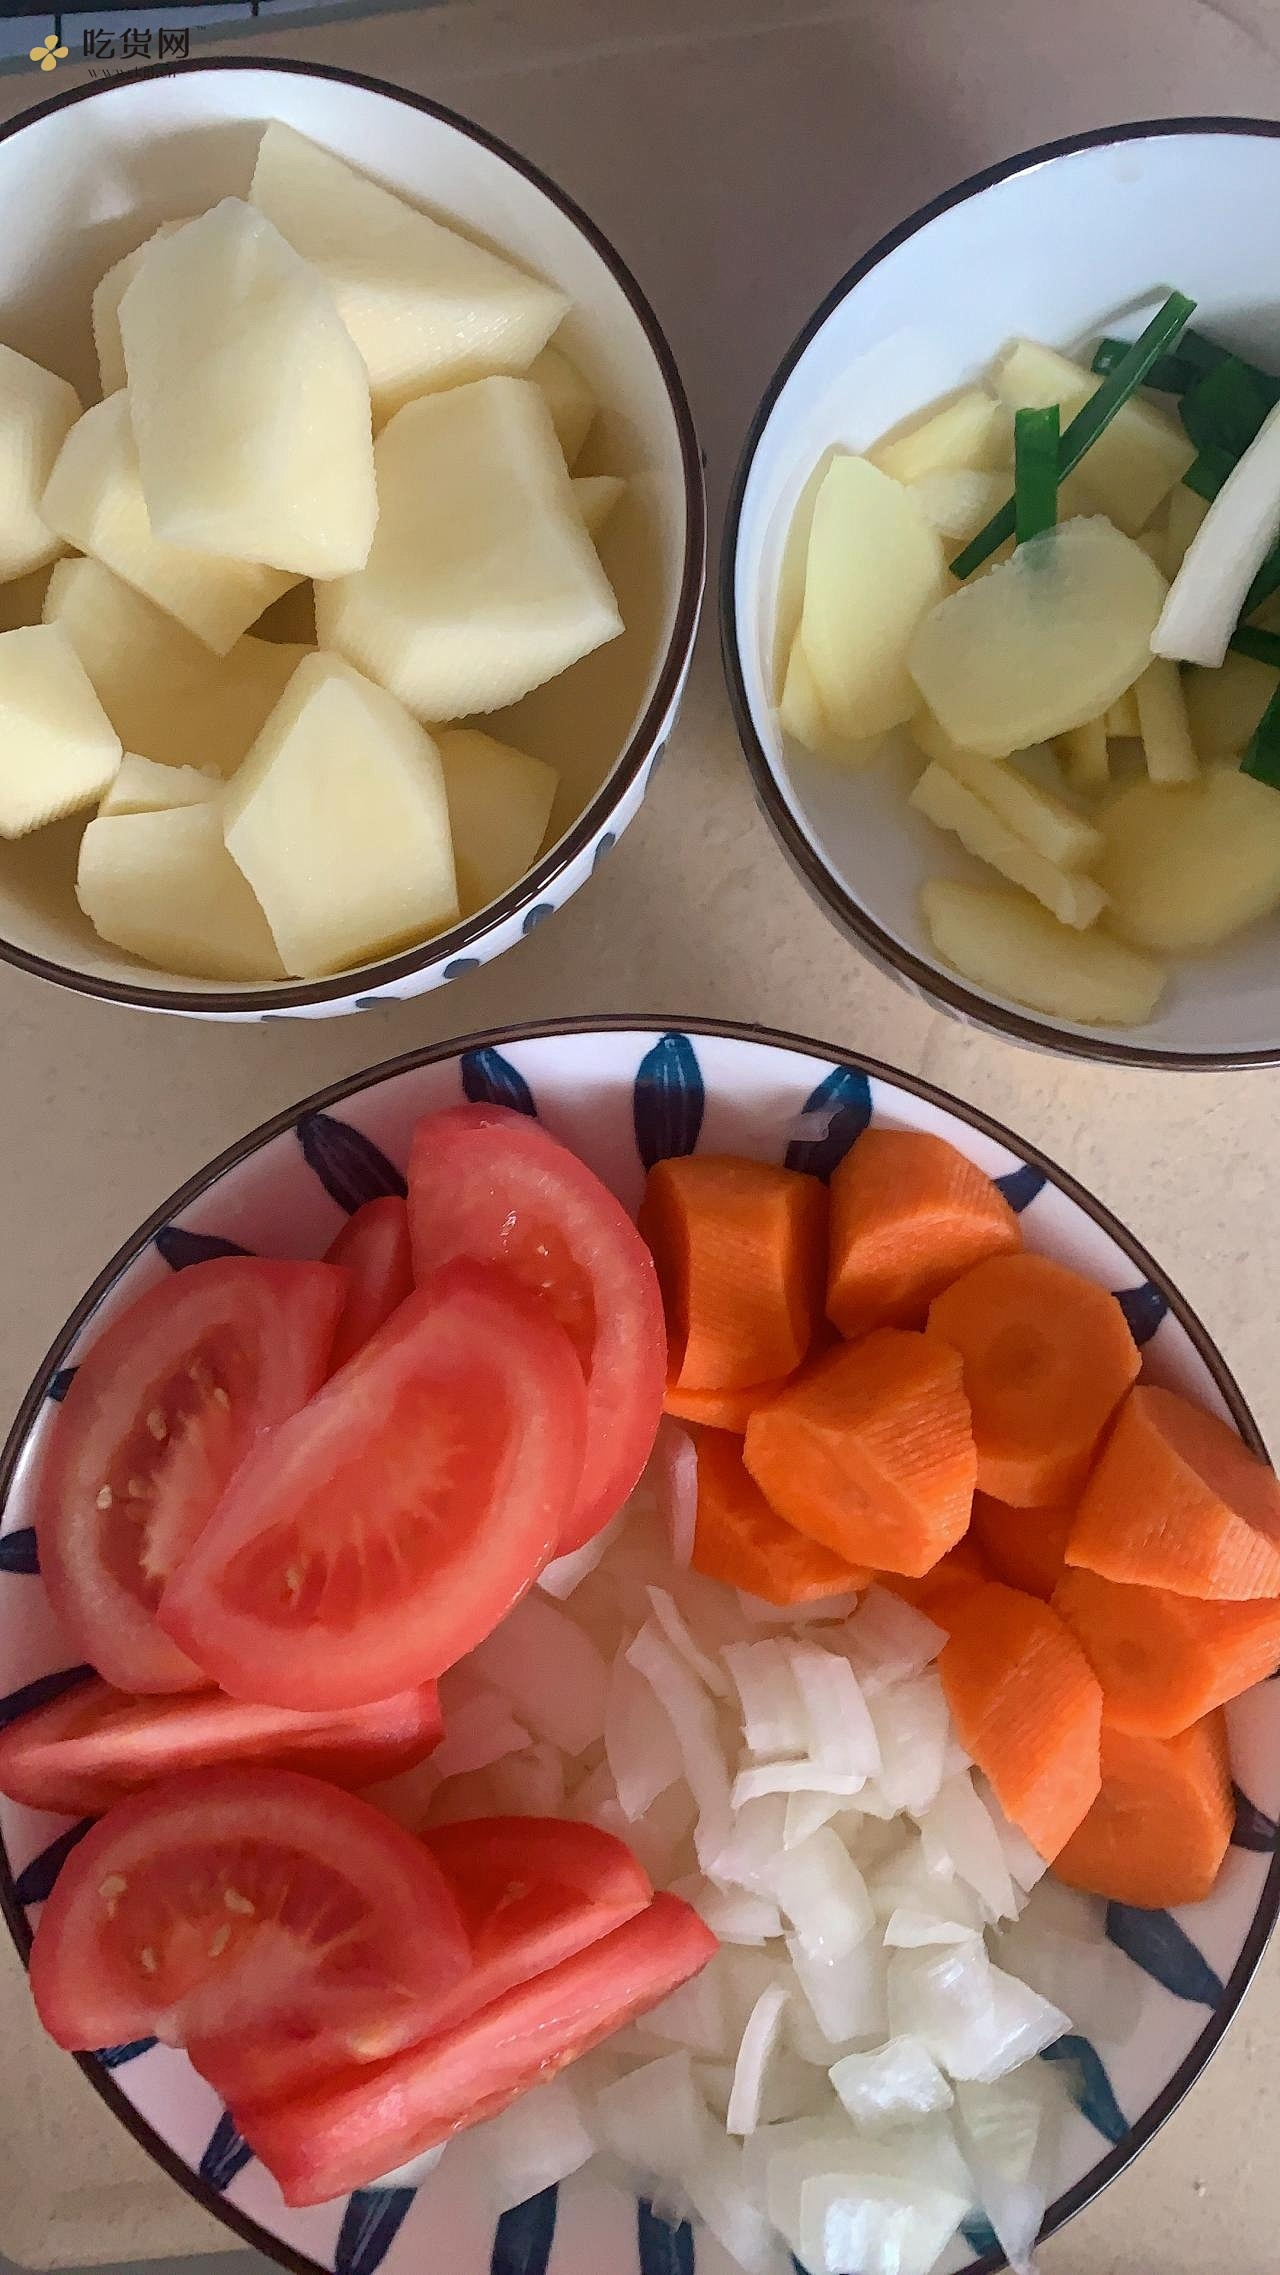 上班族快手减肥餐之电饭煲土豆牛肉粒的做法 步骤2